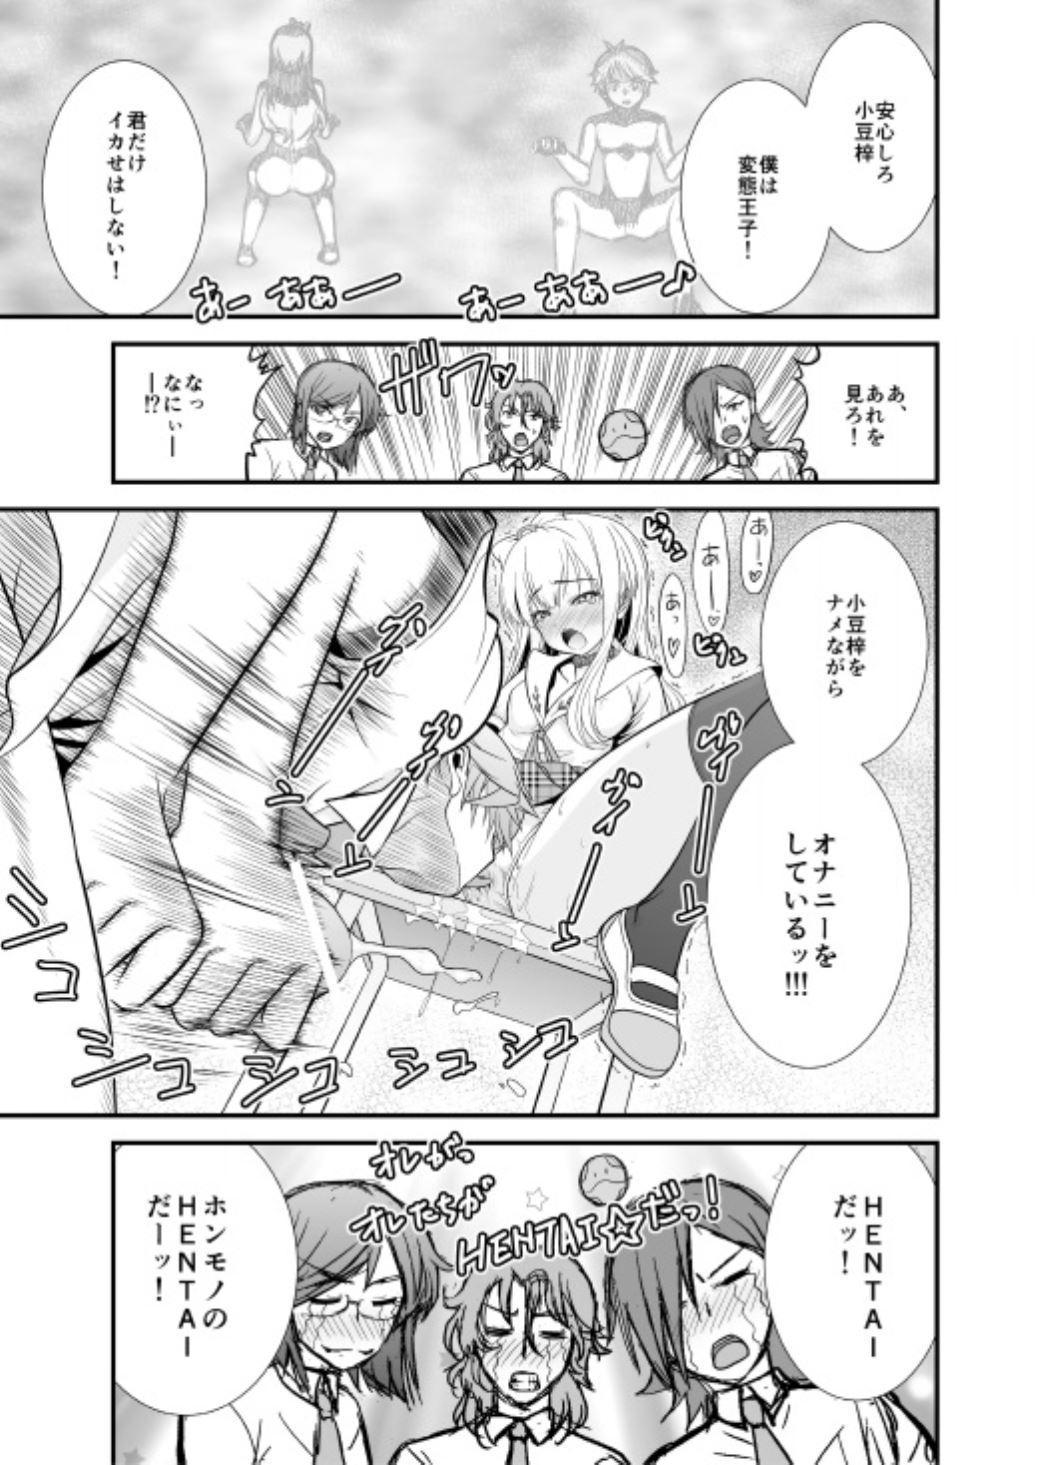 Yahari Hentai Ouji no Drill wa Machigatteiru. 7